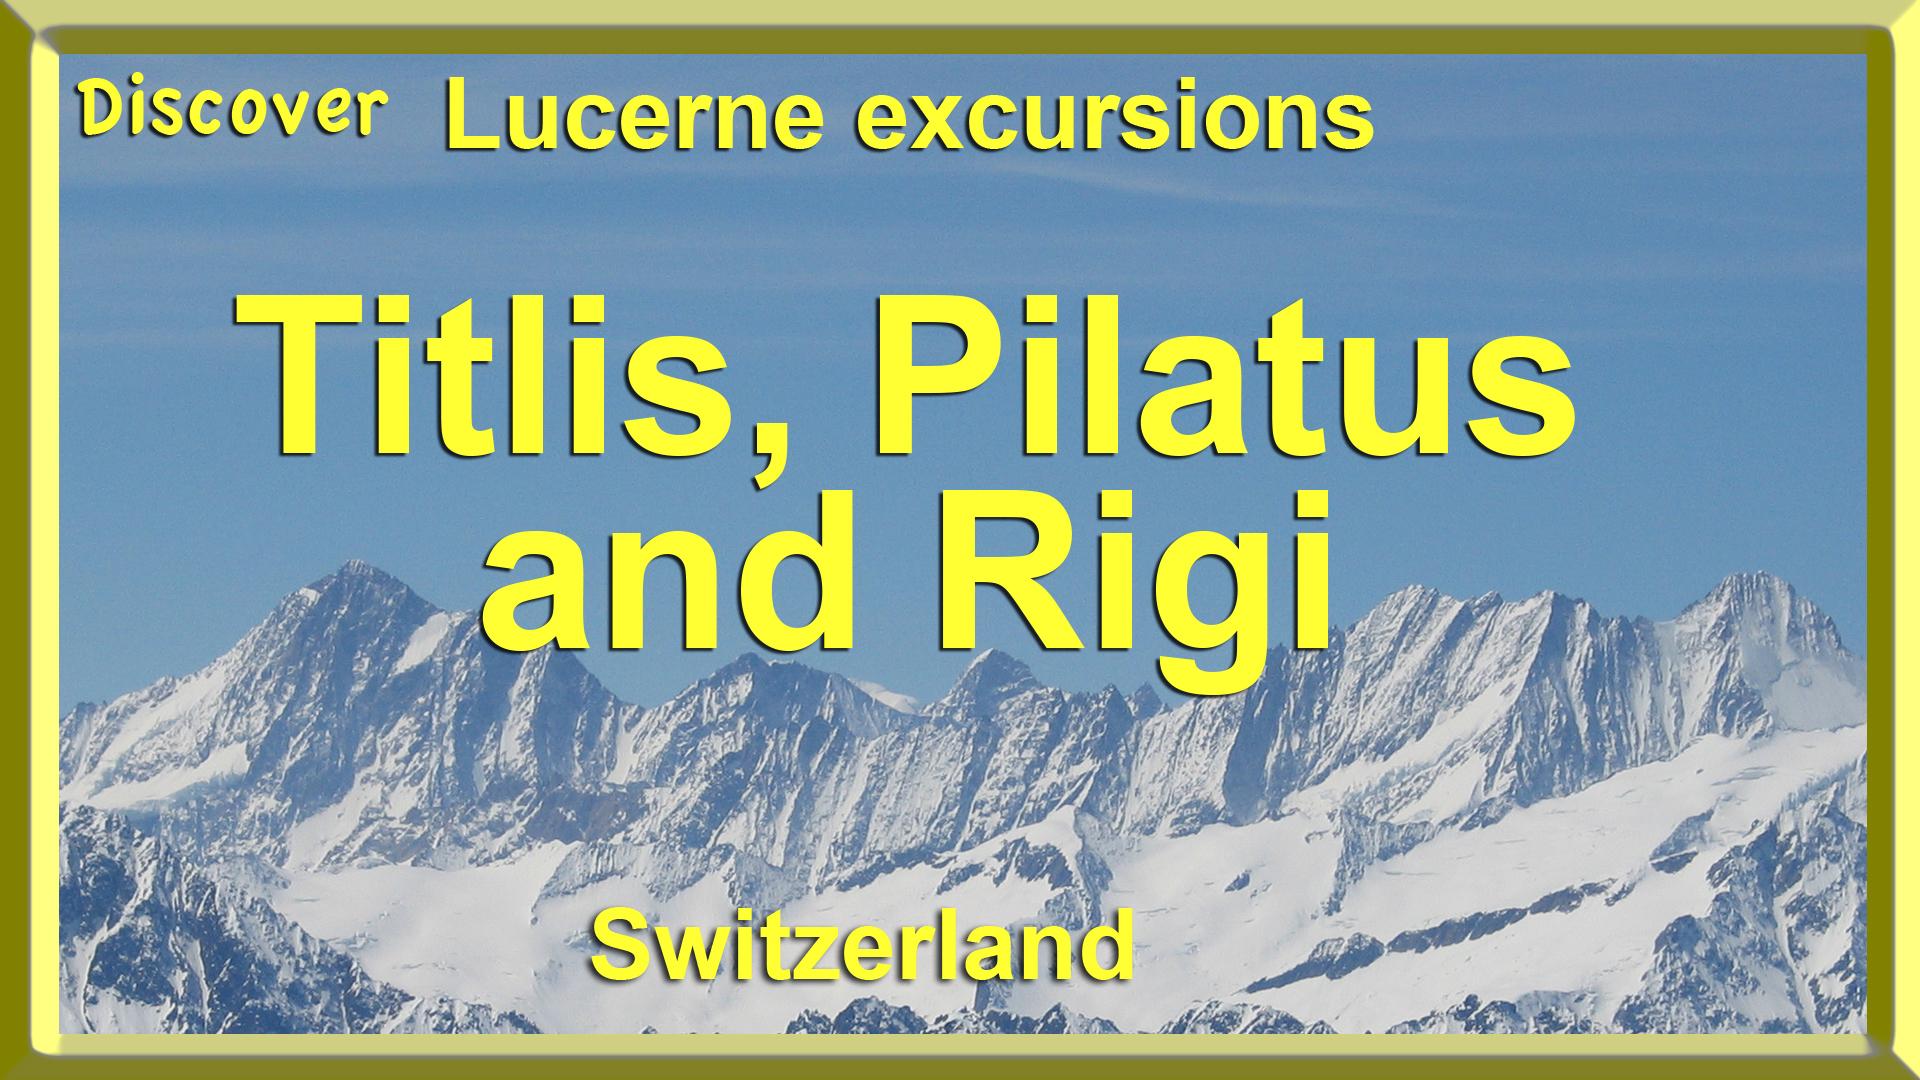 Discover Lucerne Excursions - Titlis, Pilatus and Rigi, Switzerland